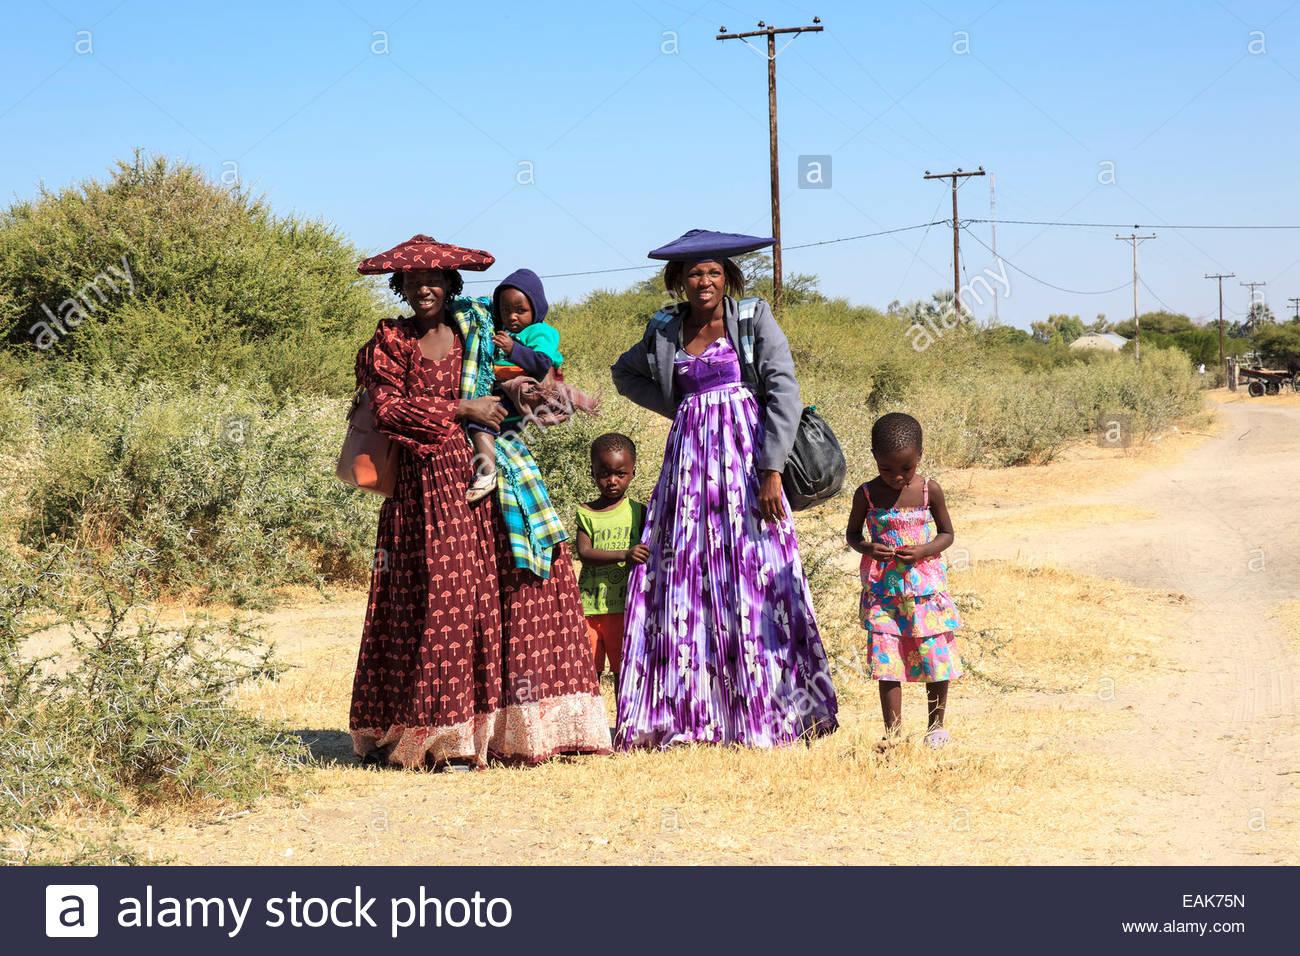 Herero women with children, Kalahari, Botswana - Stock Image